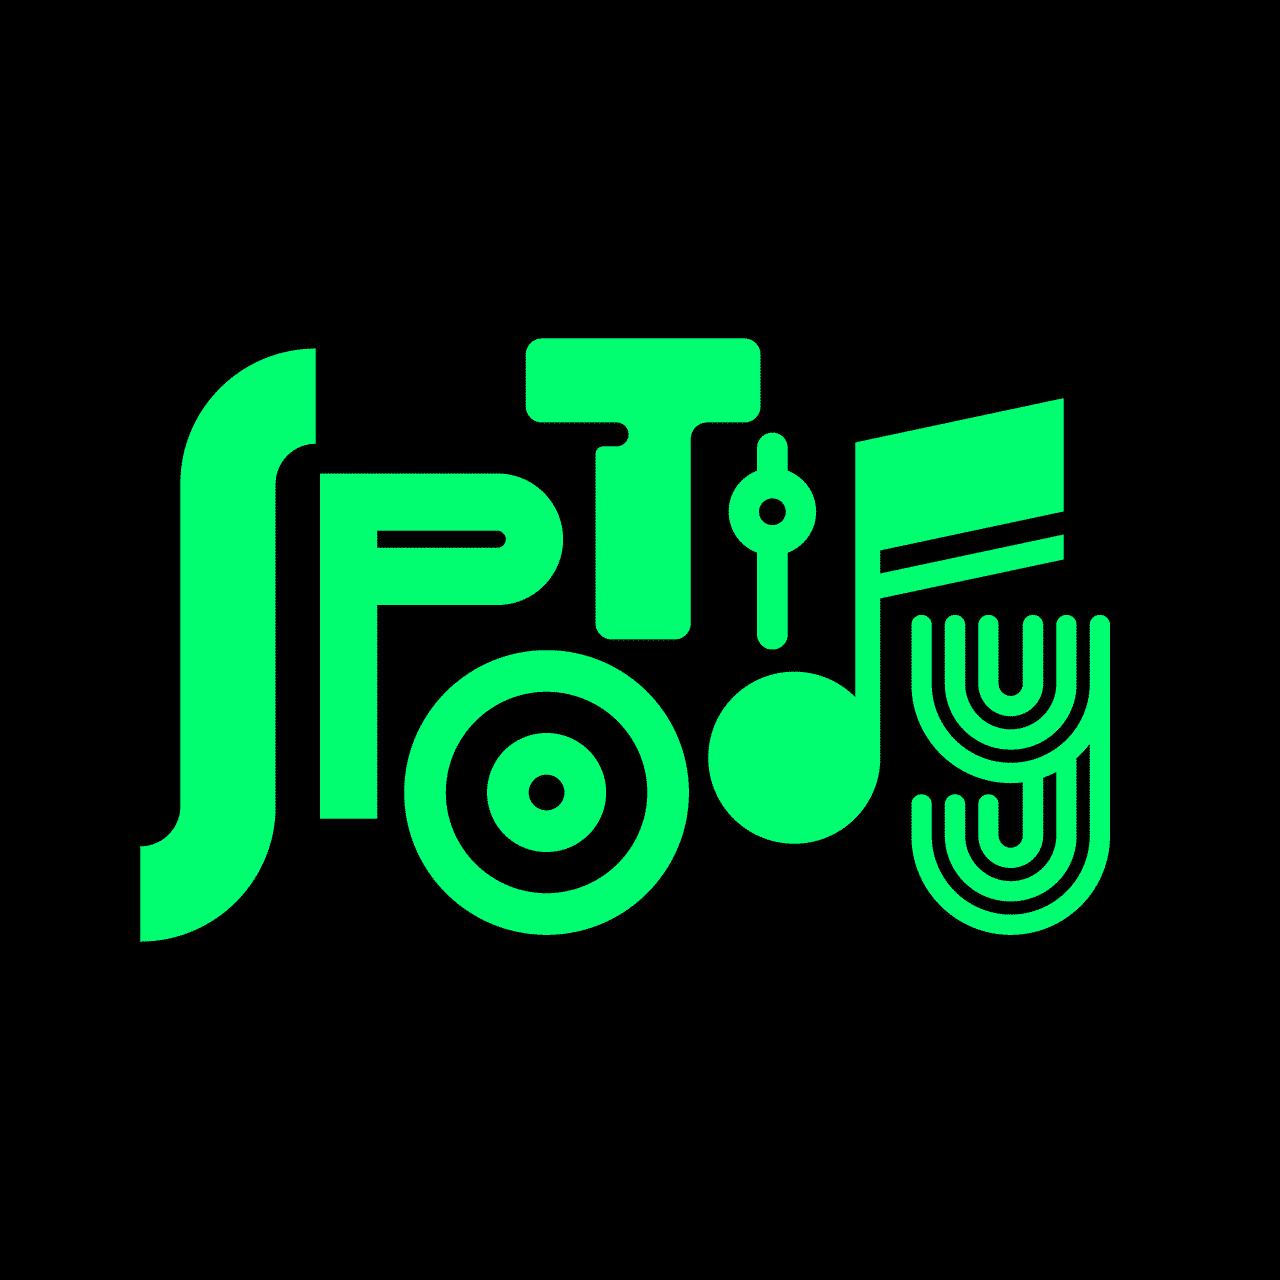 spotify vintage logo rafael serra